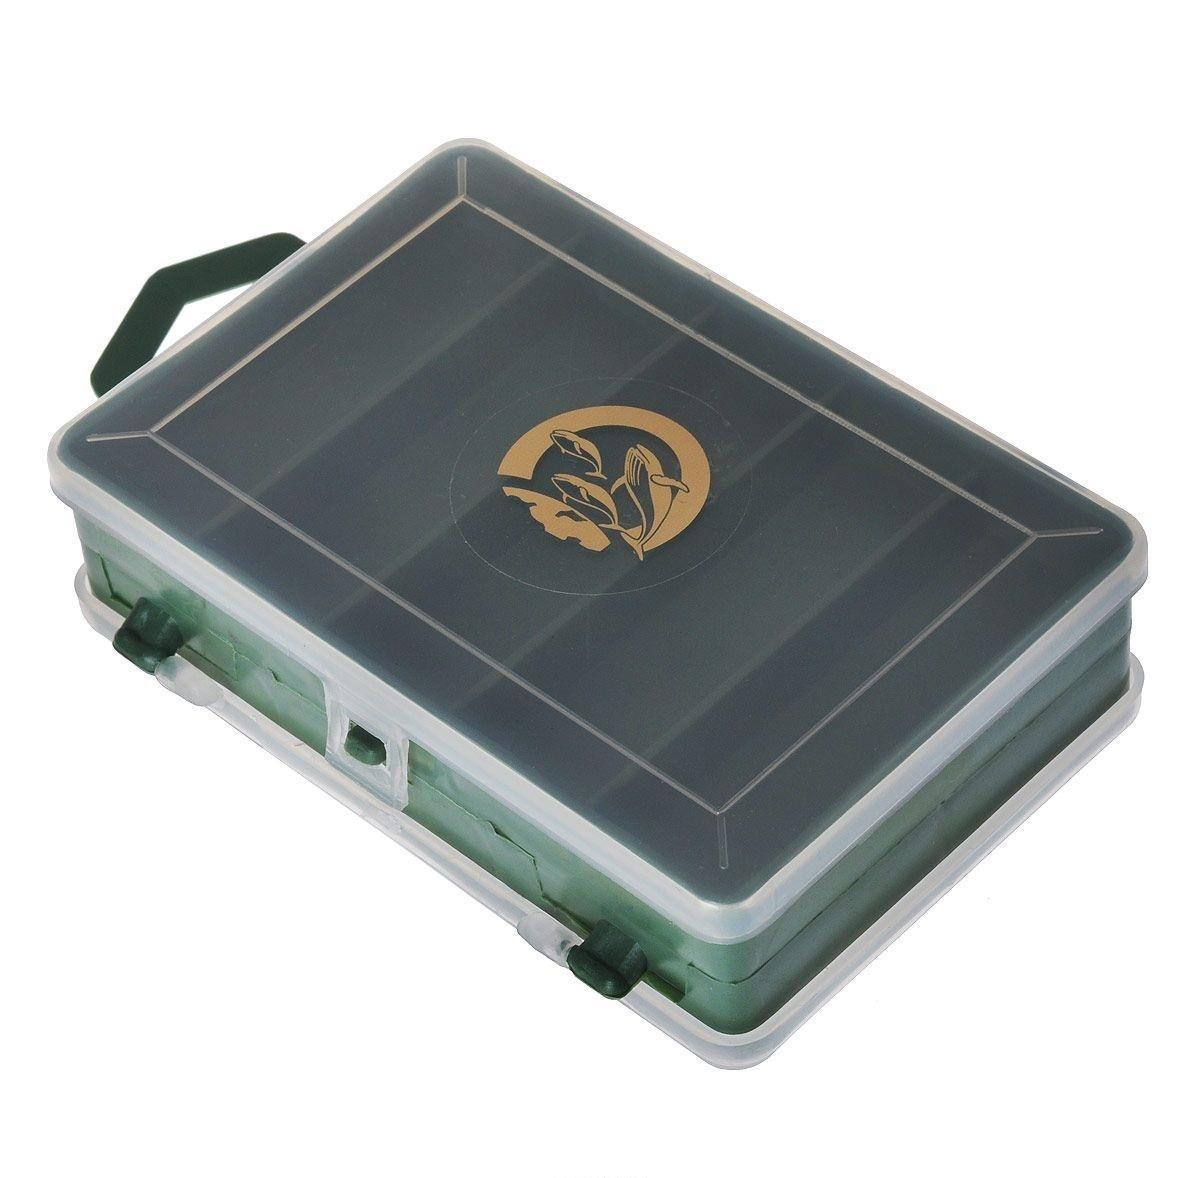 Органайзер для мелочей,, двухсторонний, цвет: зеленый, 11 х 7,5 х 3 см 679533679533Удобная пластиковая коробка Три кита прекрасно подойдет для хранения и транспортировки различных мелочей. Коробка имеет 16 фиксированных отделений. Удобный и надежный замок-защелка обеспечивает надежное закрывание коробки. Такая коробка поможет держать вещи в порядке.